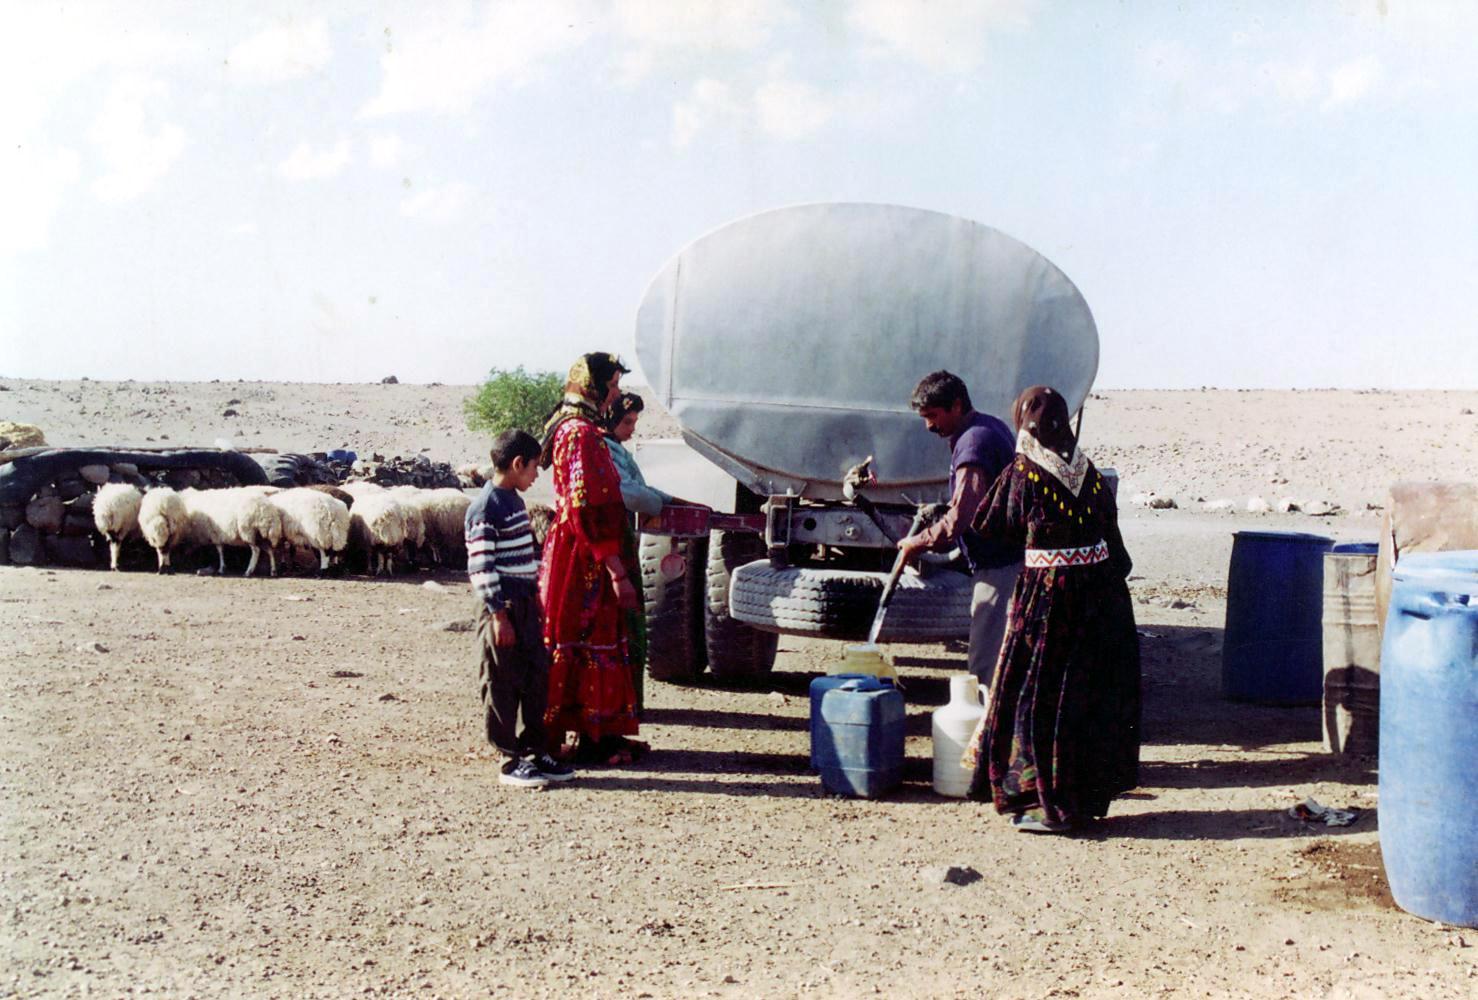 عشایر اردل روزانه ۱۲۰ هزار لیتر آب شرب نیاز دارند